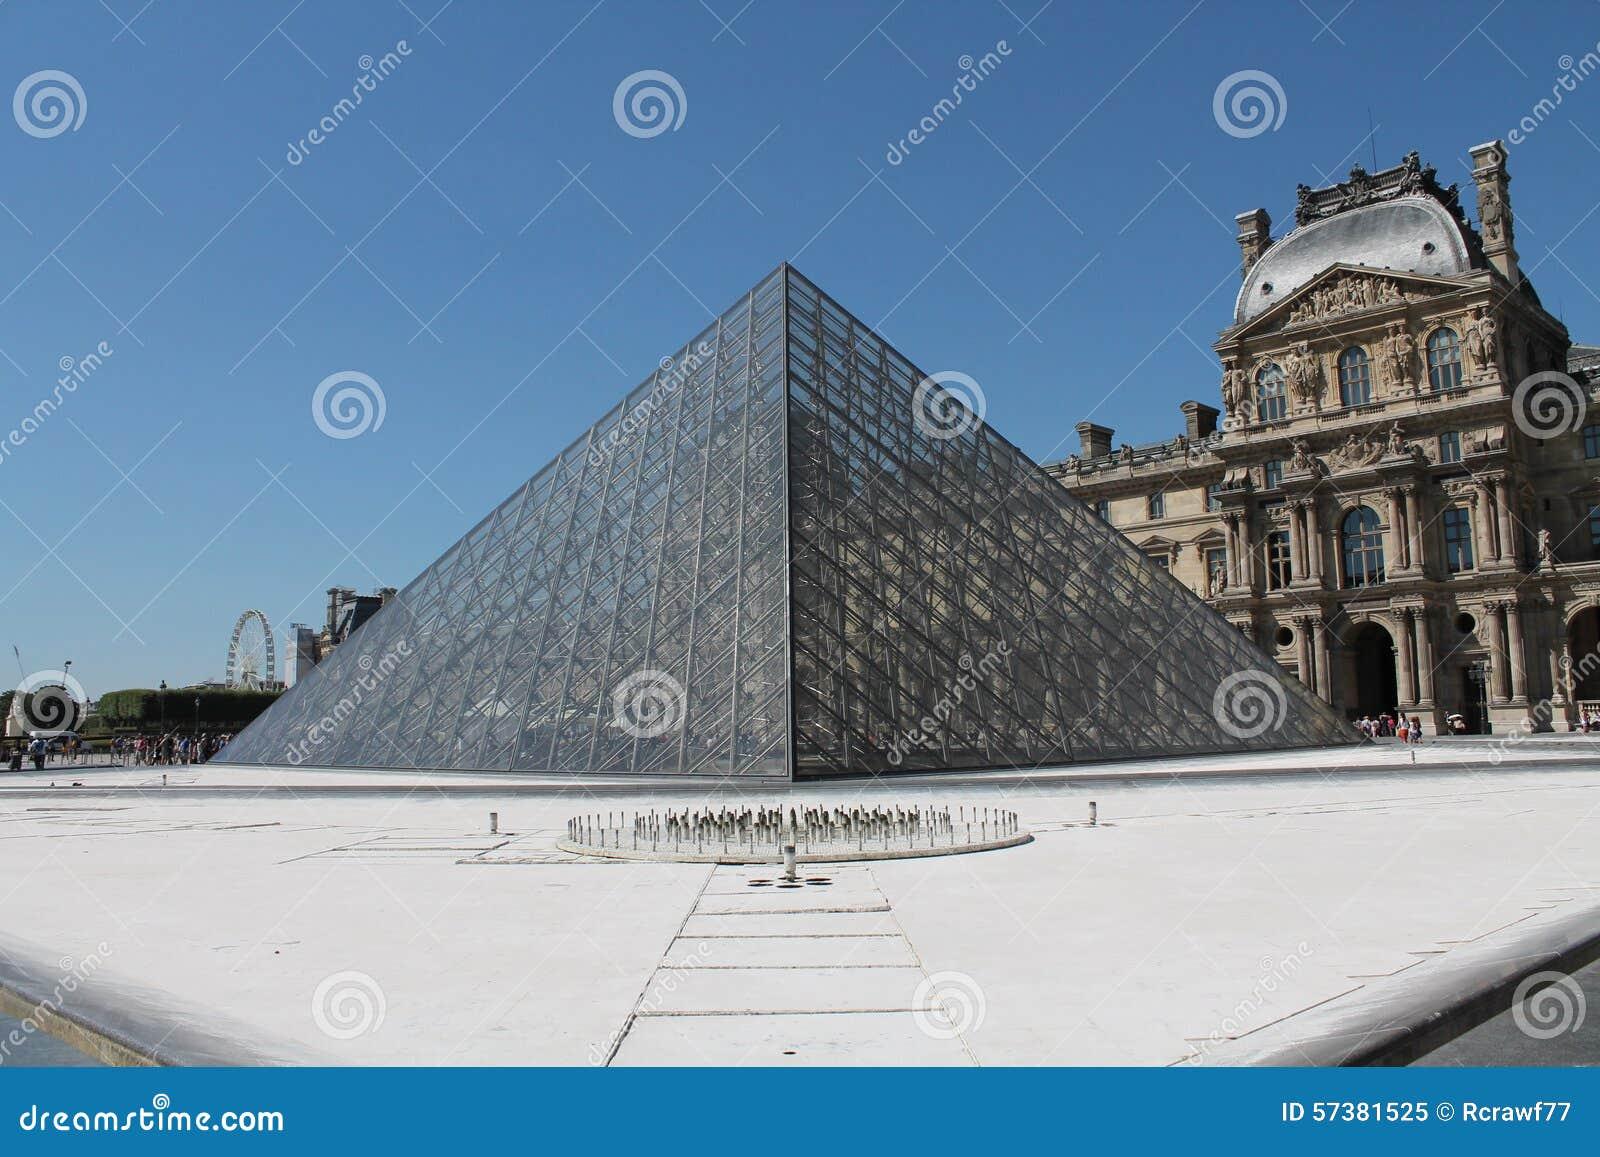 Glaspiramides buiten het Louvre, door I wordt ontworpen die M pei